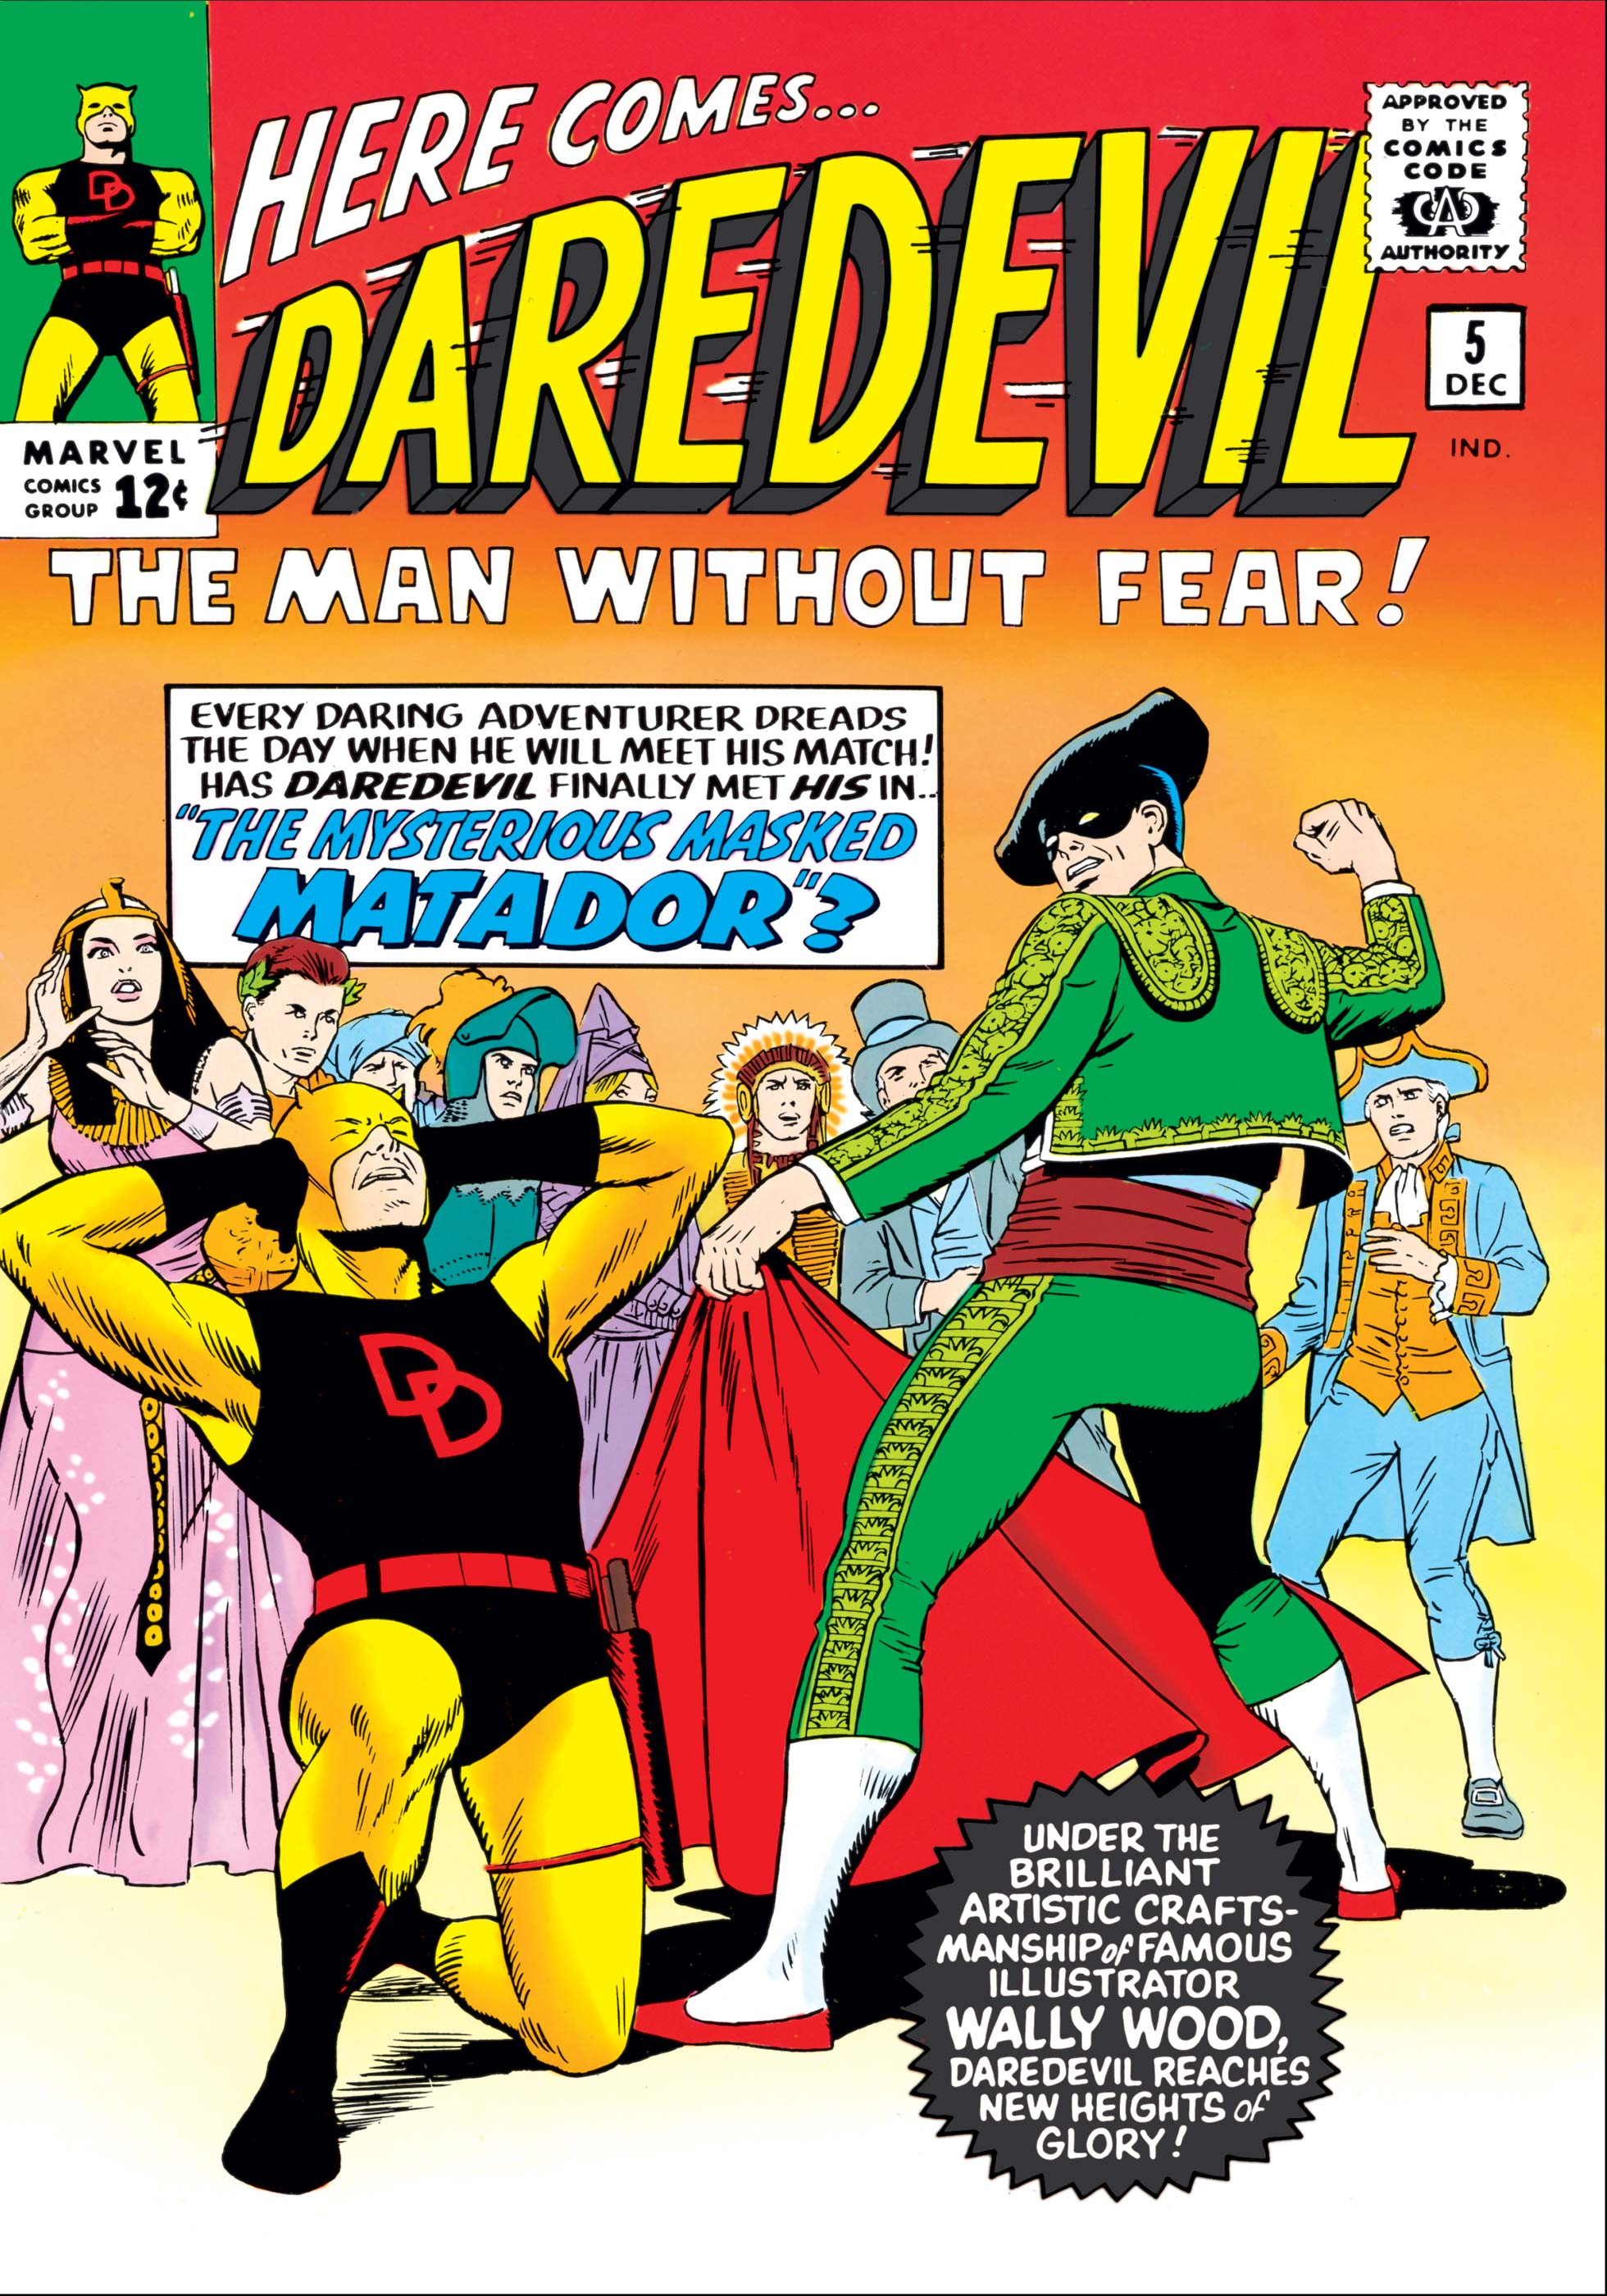 Daredevil (1964) #5